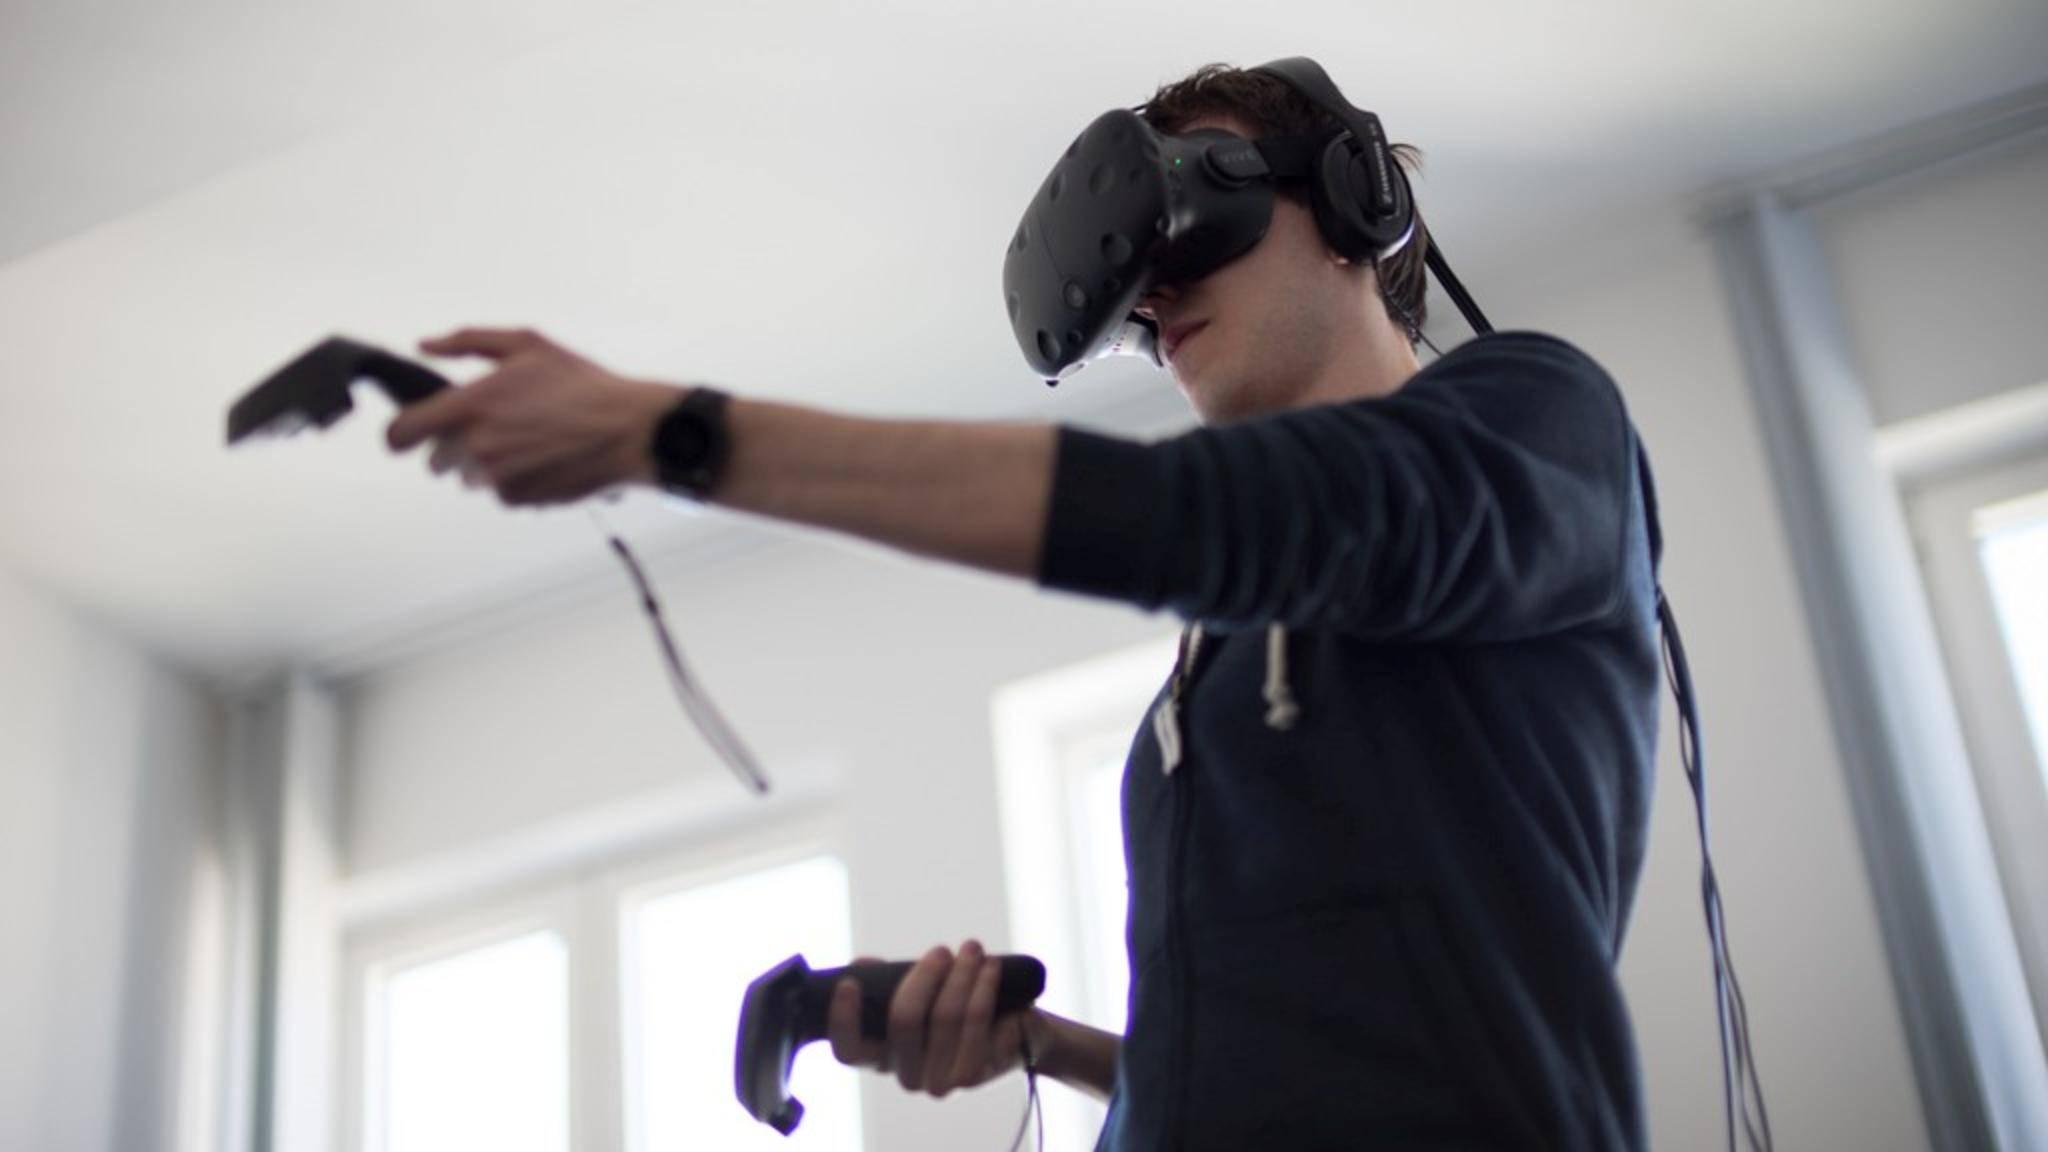 VR-Brillen wie die HTC Vive brauchen jede Menge Grafikpower.